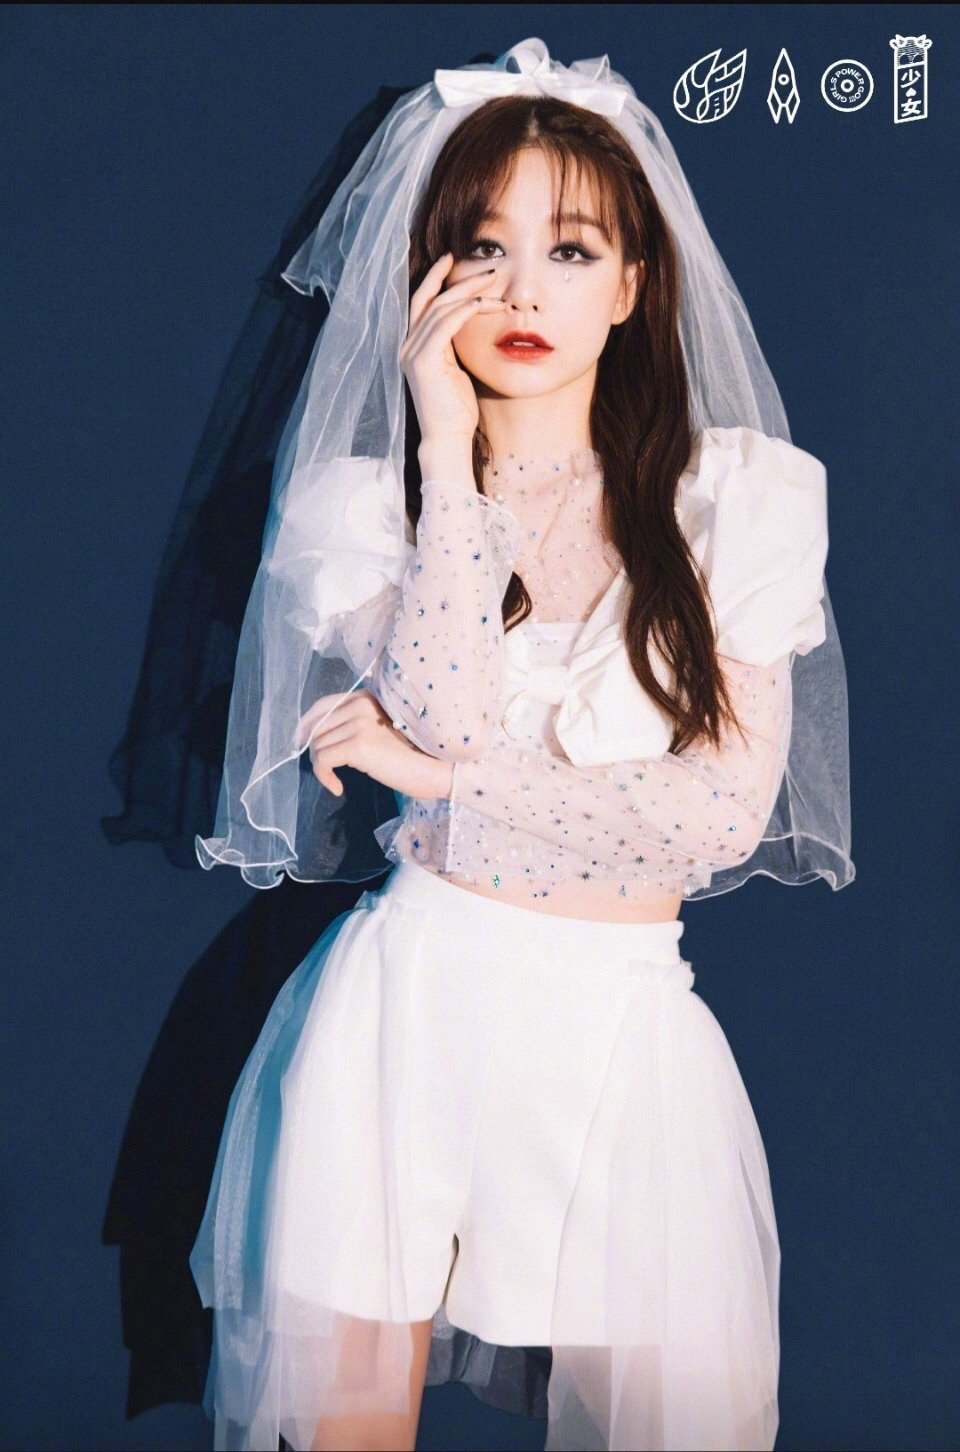 火箭少女全白新娘装造型曝光,烟熏眼妆反差演绎暗黑风!